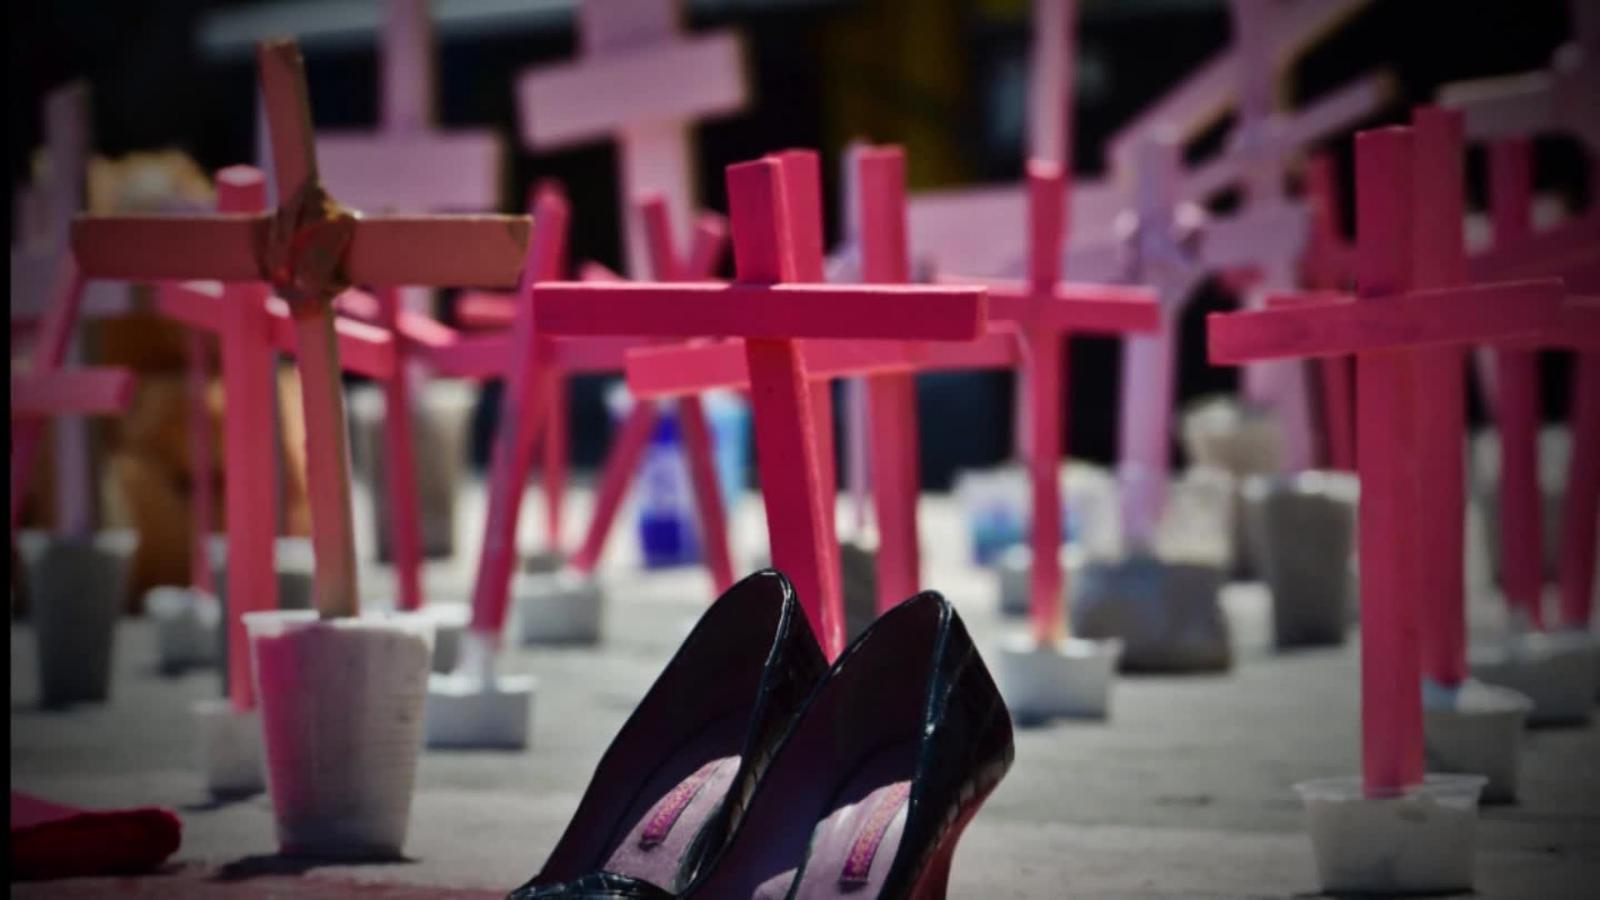 El día que asesinaron a Laura Gonzáles fue un sábado cualquiera. Casualmente se conmemoraba el Día Internacional de la Mujer, el día en que los hombres